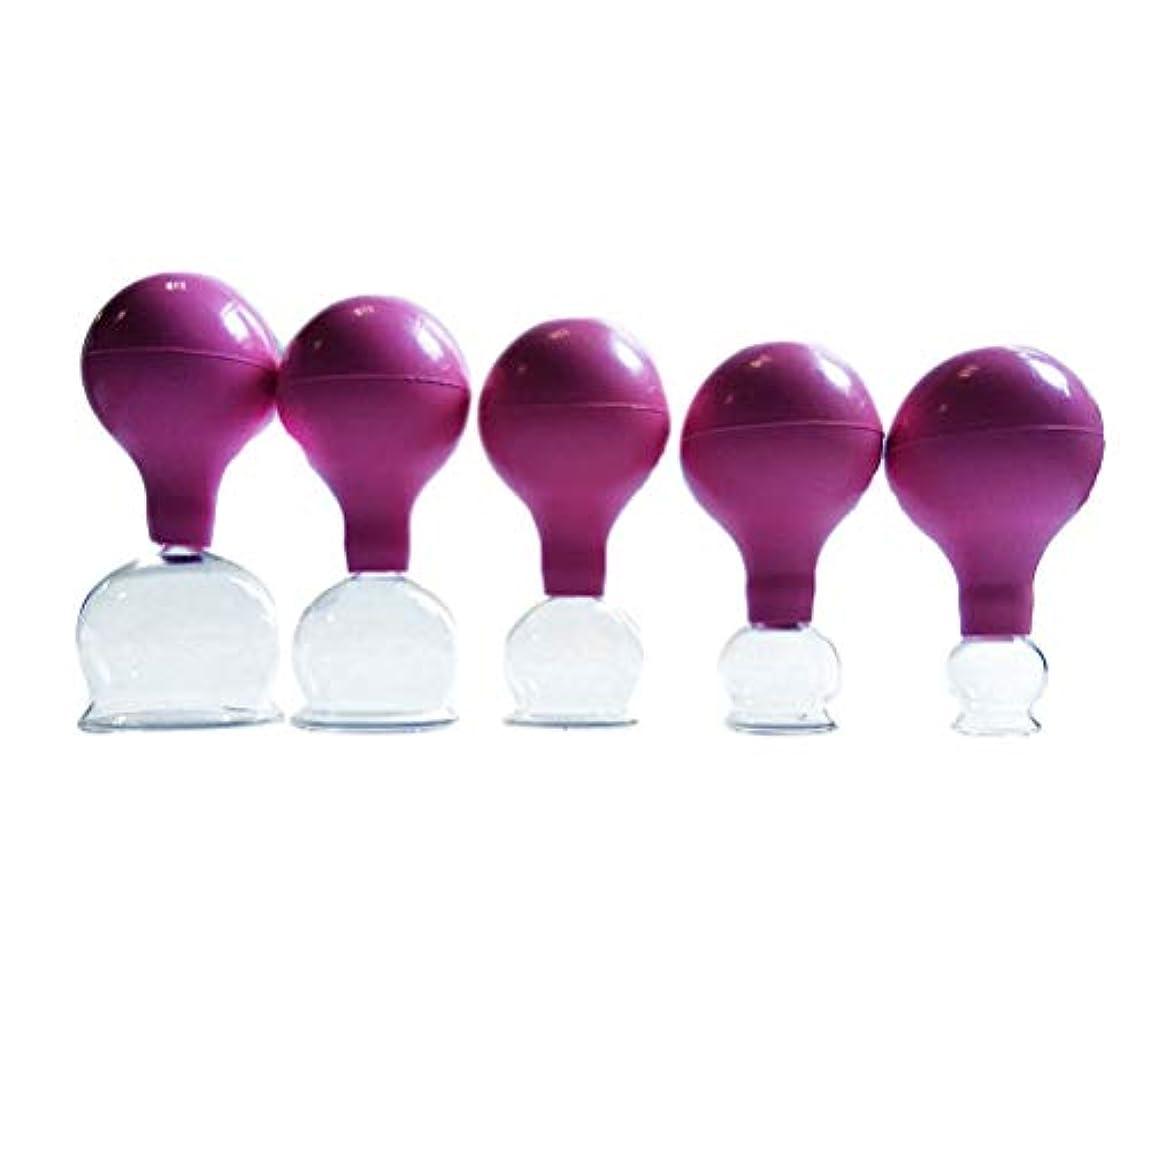 胚芽アラブサラボ妨げるHealifty ボディマッサージゴムとガラスの真空カッピングカップ中国のボディカッピングヘルスケア5PCS(ピンク)